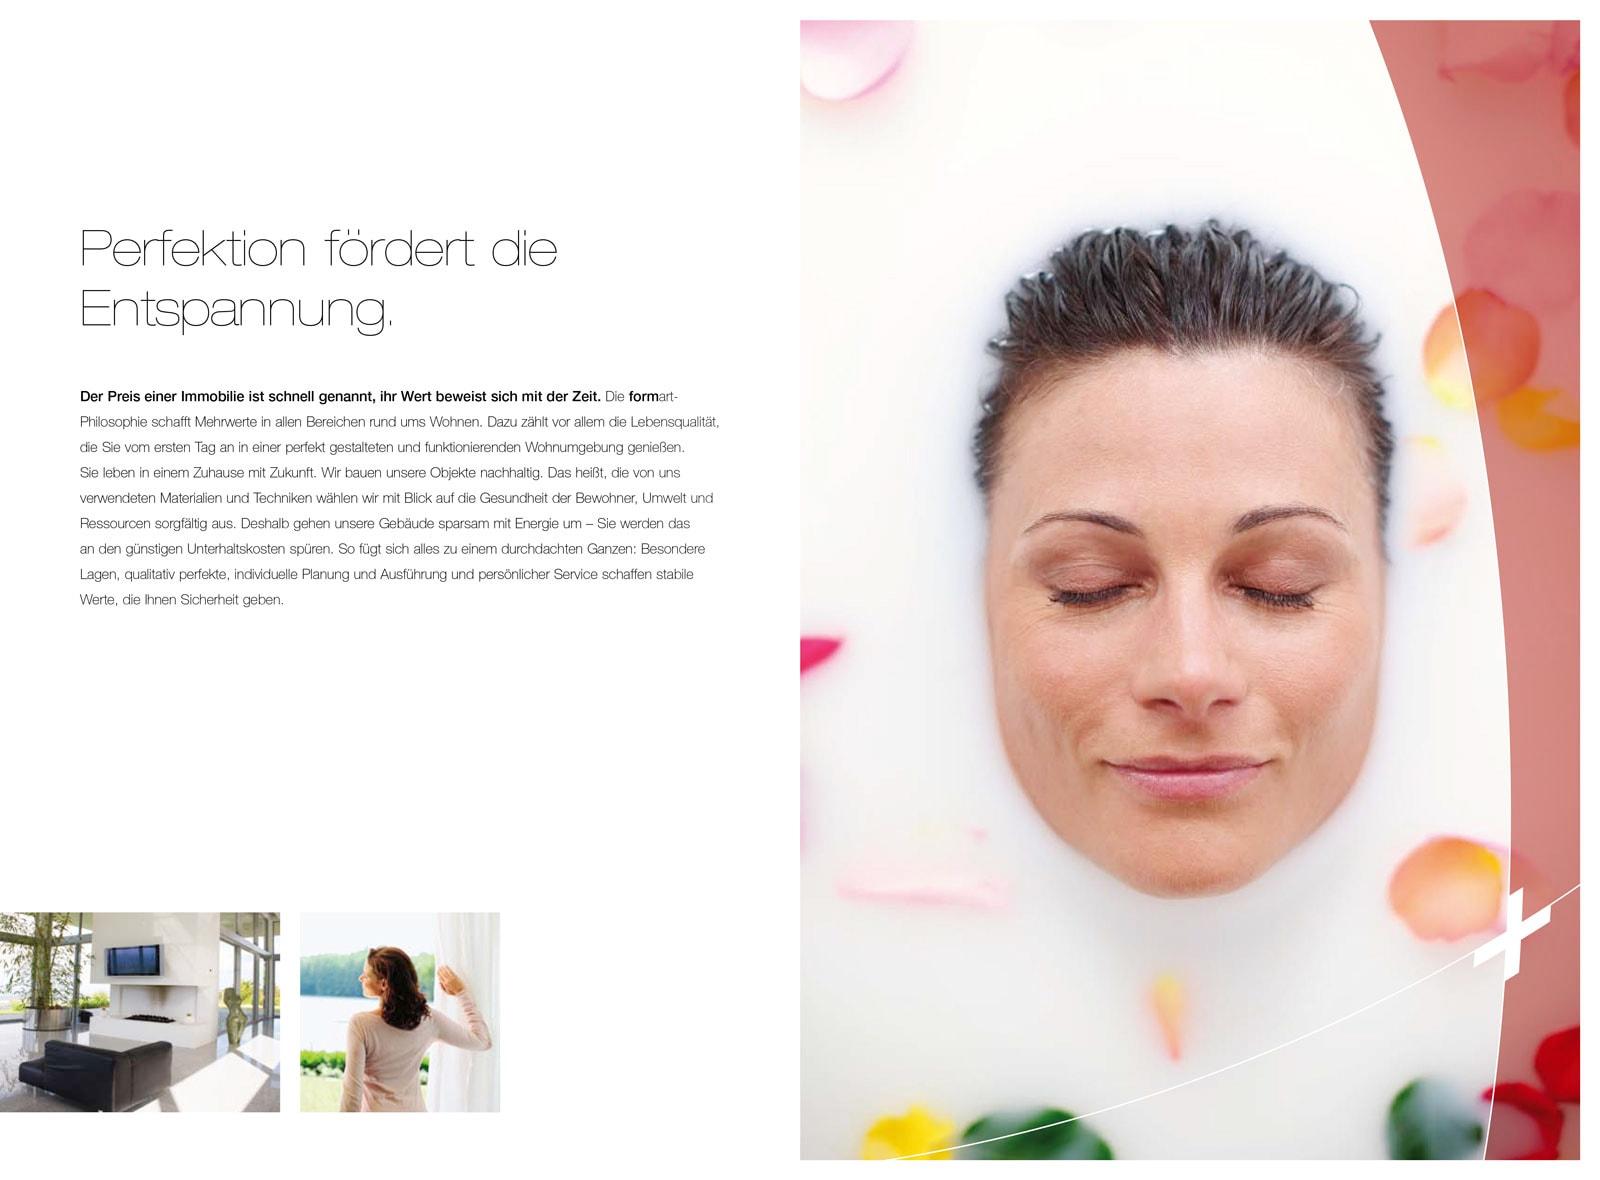 Portrait einer schönen Frau, deren Gesicht aus einer mit Milch gefüllten Badewanne lugt